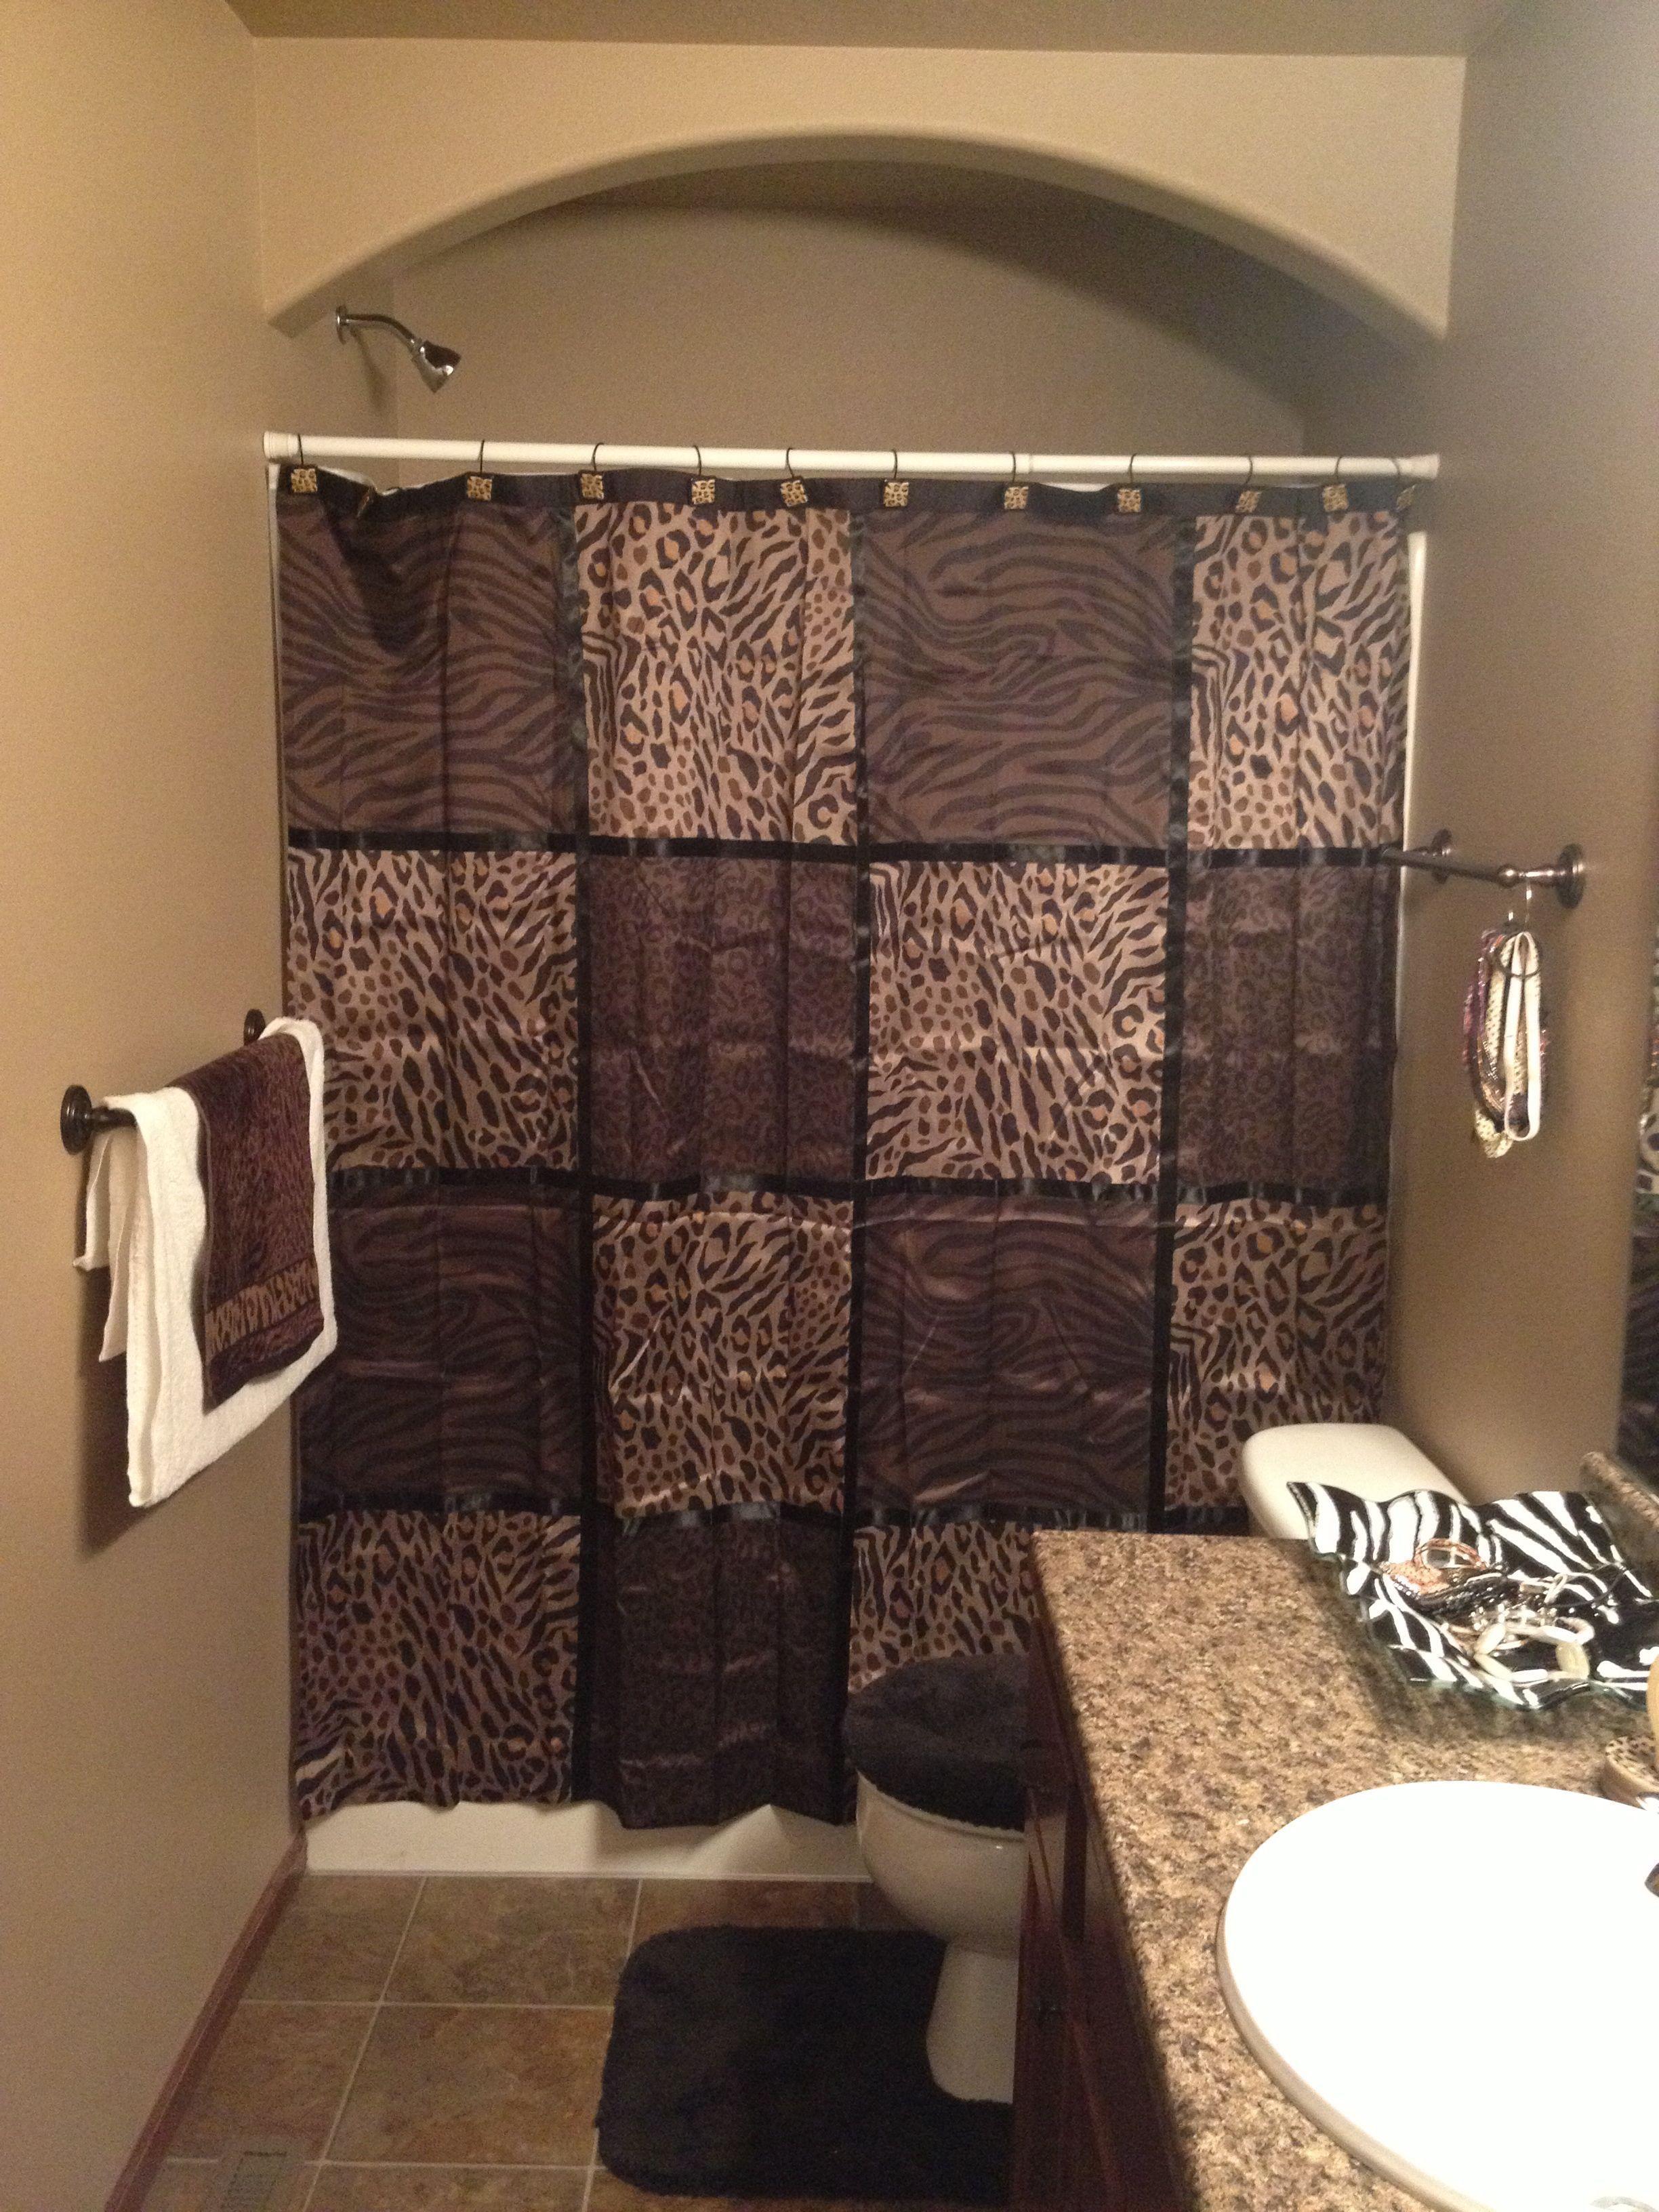 Pin On Bathroom Ideas African style bathroom decor